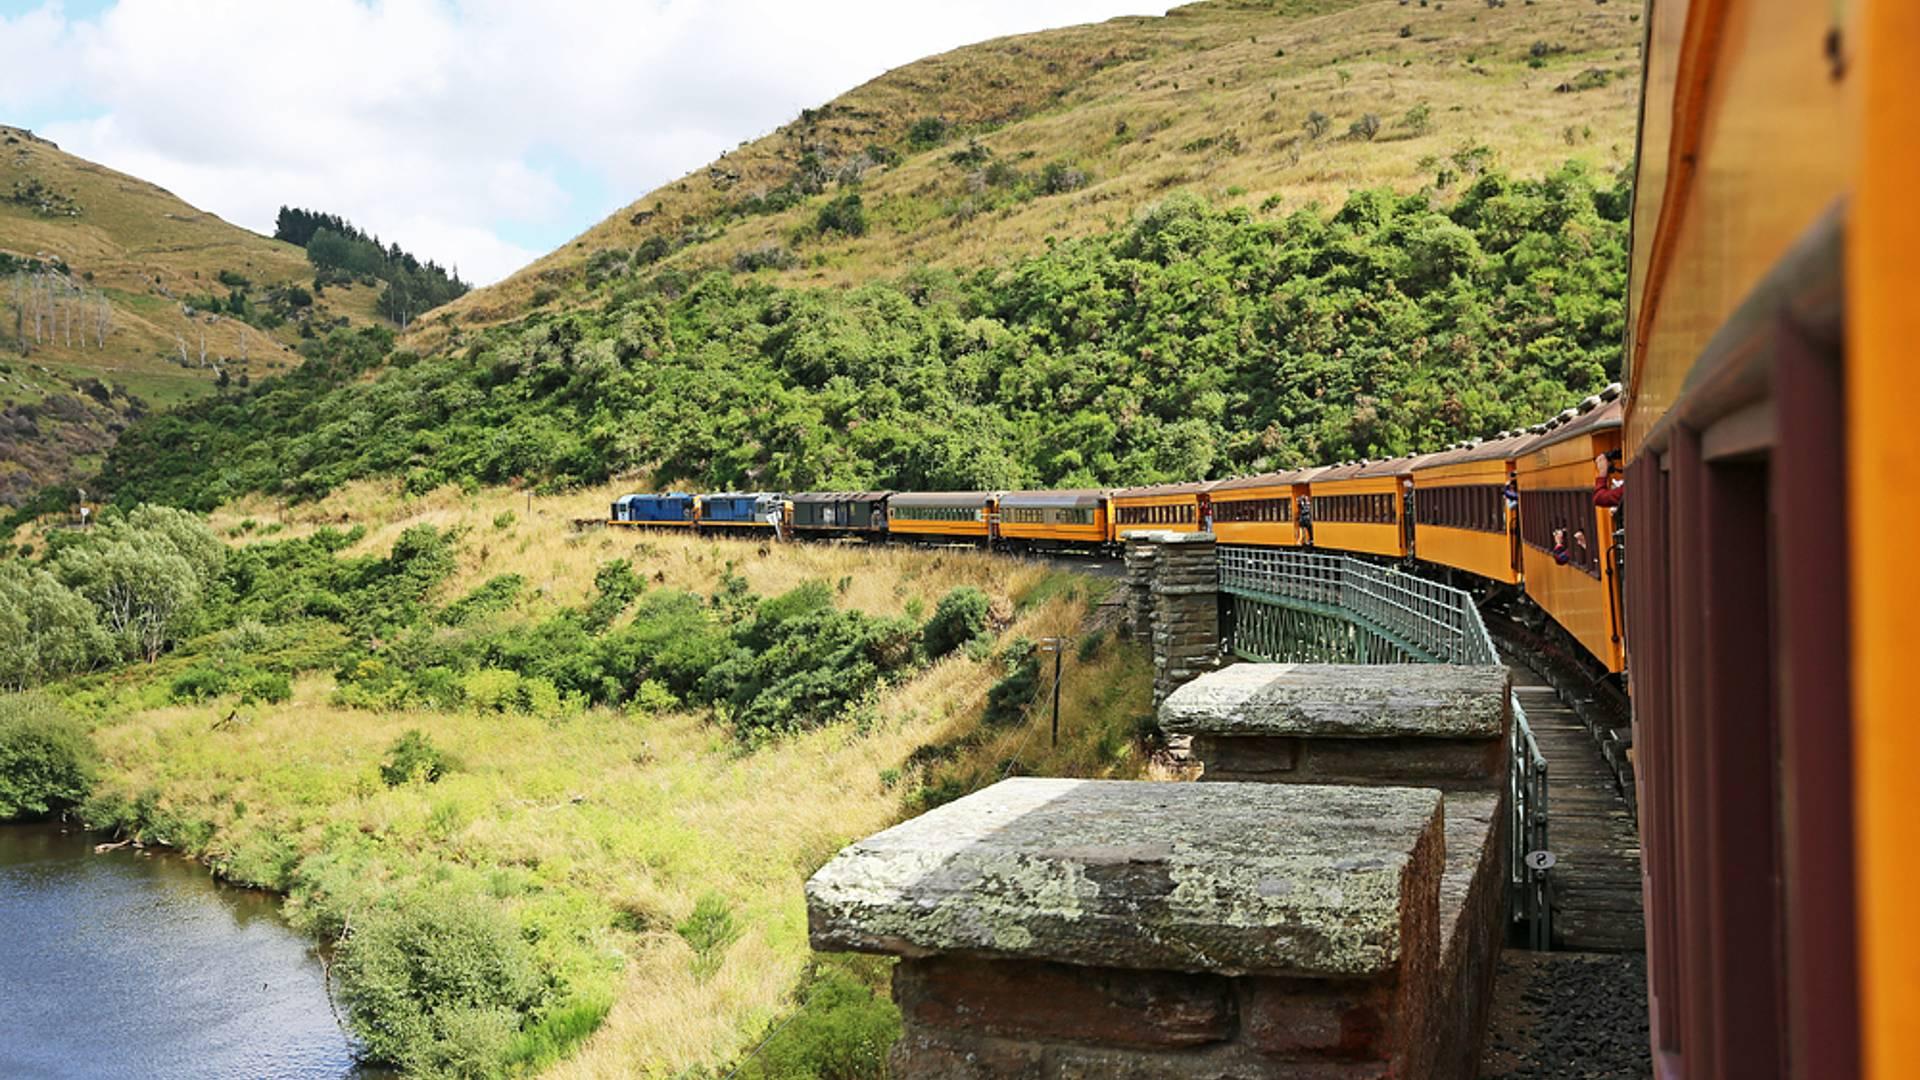 Mit der KiwiRail - Bahn die Küste entlang